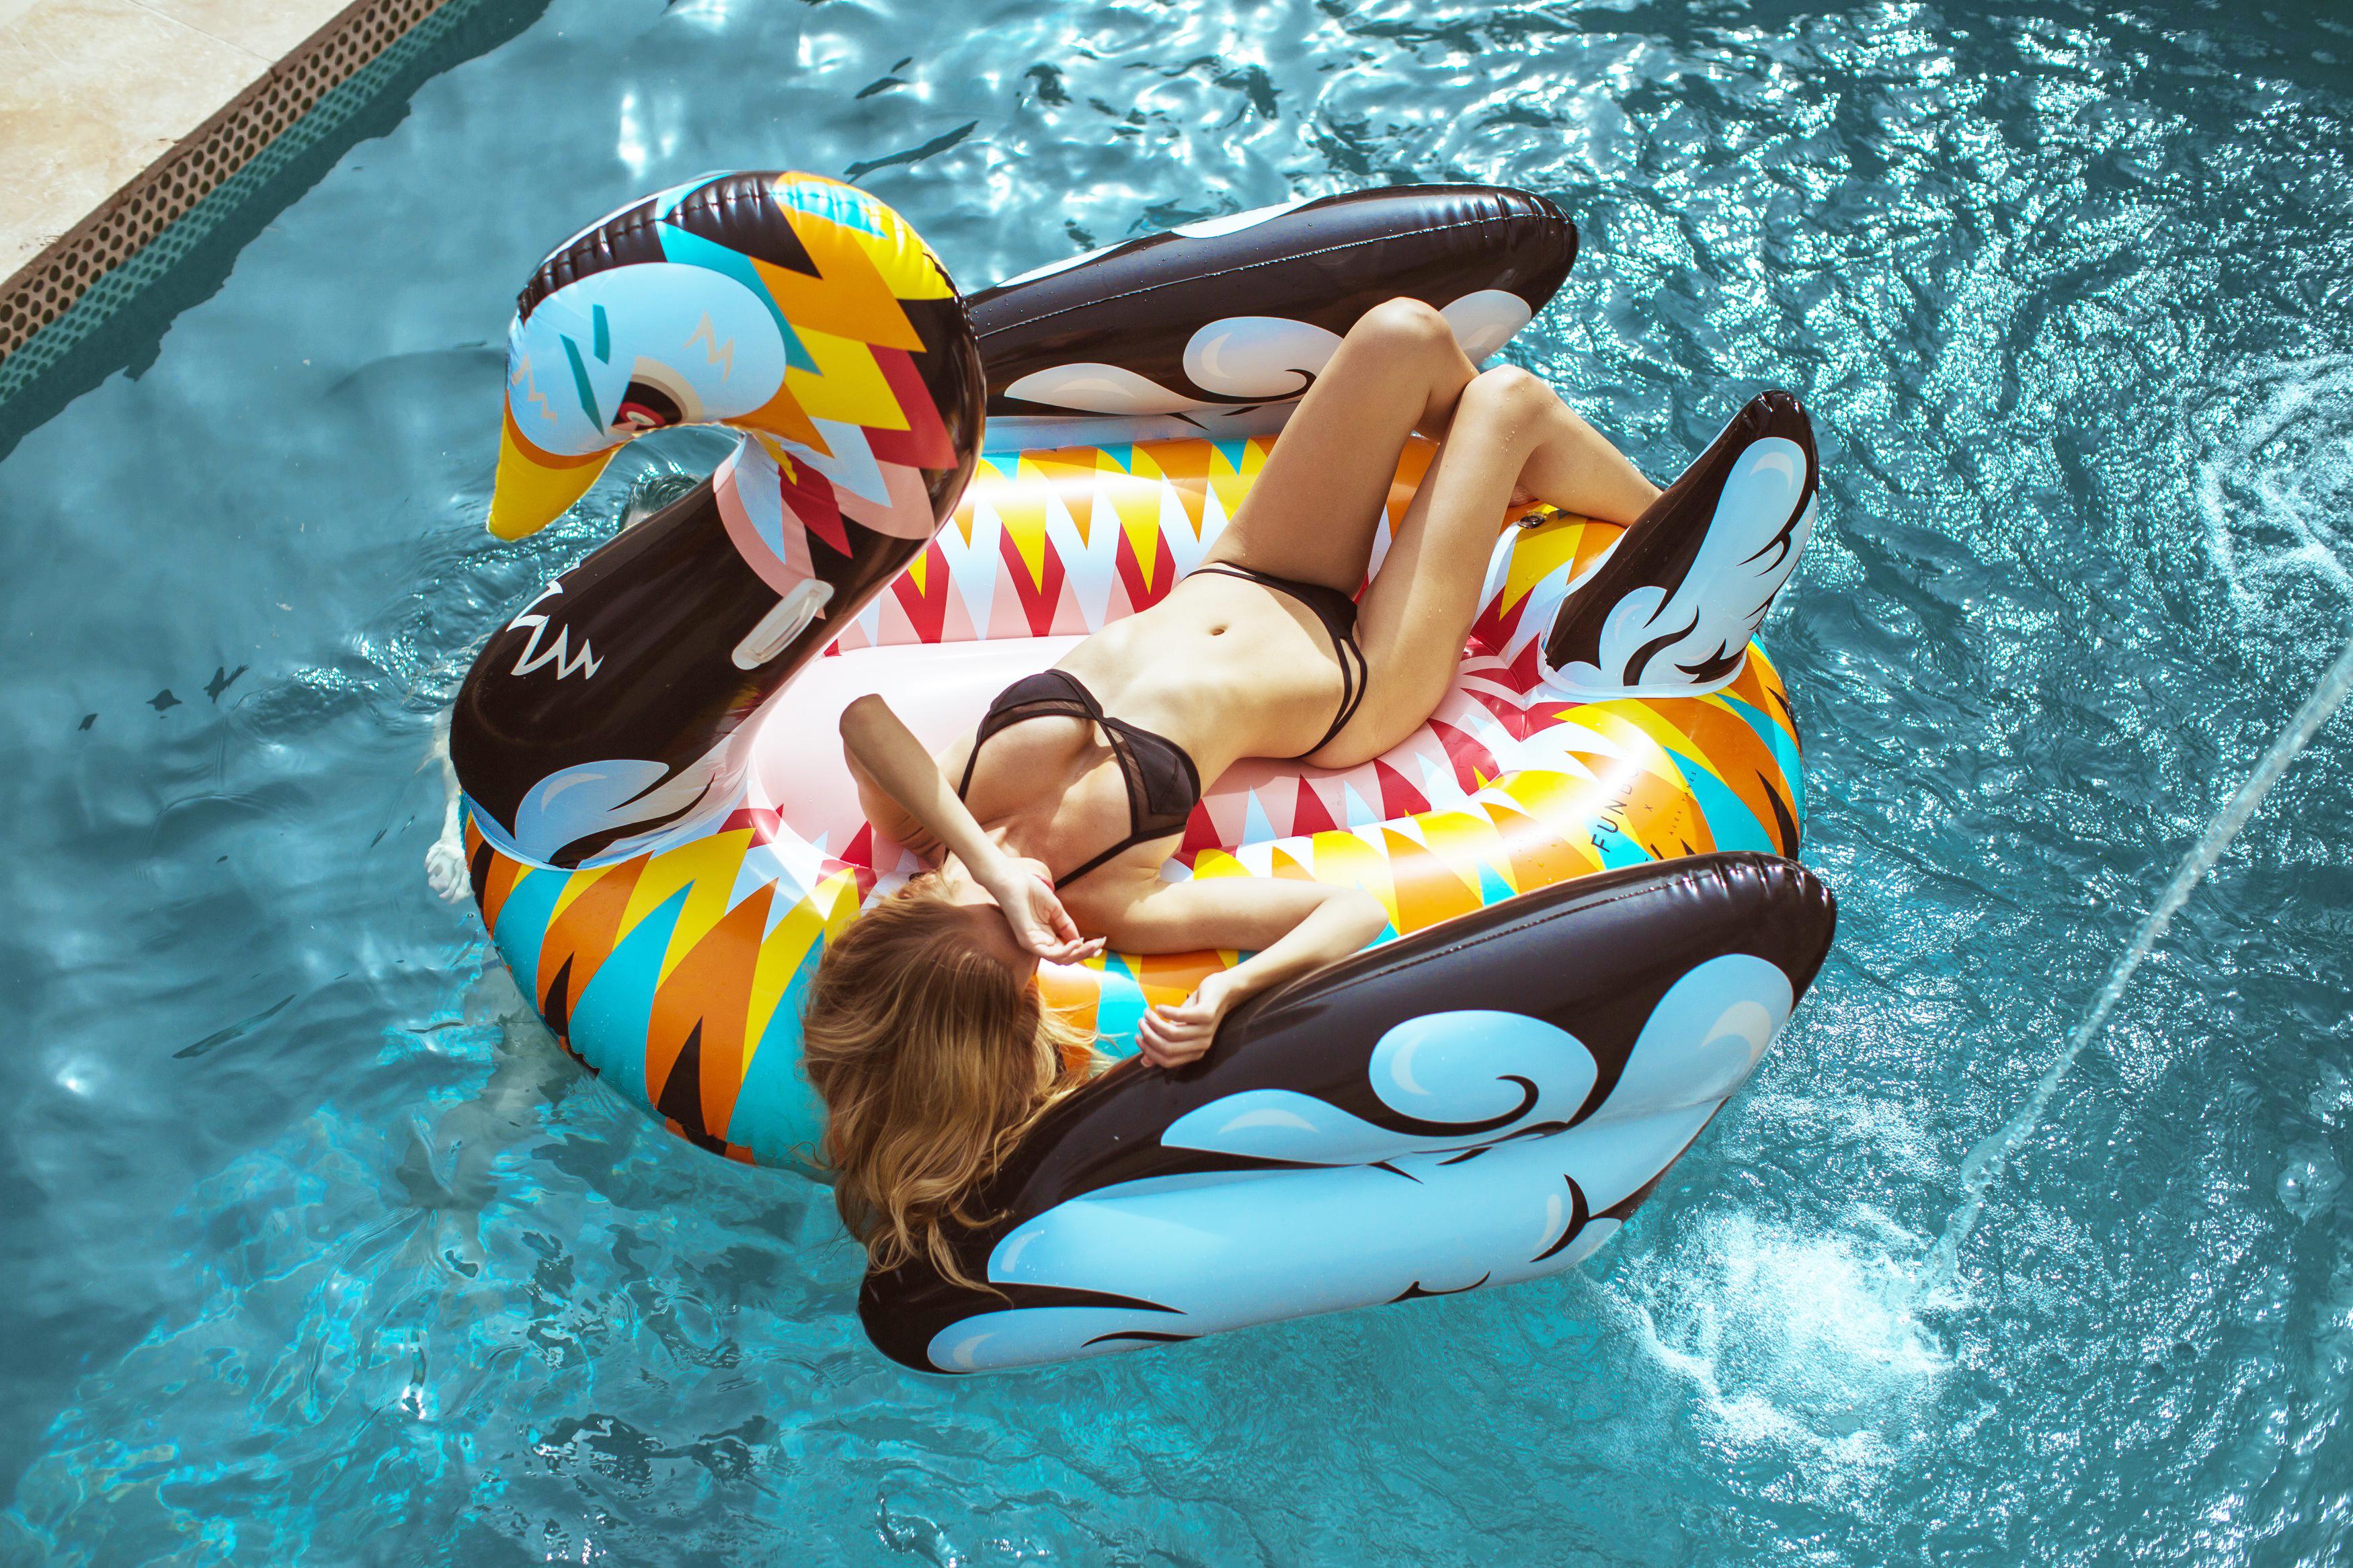 Bouée gonflable Cygne Design, matelas original gonflable pour la piscine et la plage, modèle original!!! nouveauté, fun, trendy, spécial pool party, bouée pour la piscine et la plage, matériel en PVC environnemental, taille XL, pour une ou deux personnes, couleur Multicolore, le meilleur des bouées pour l'été!